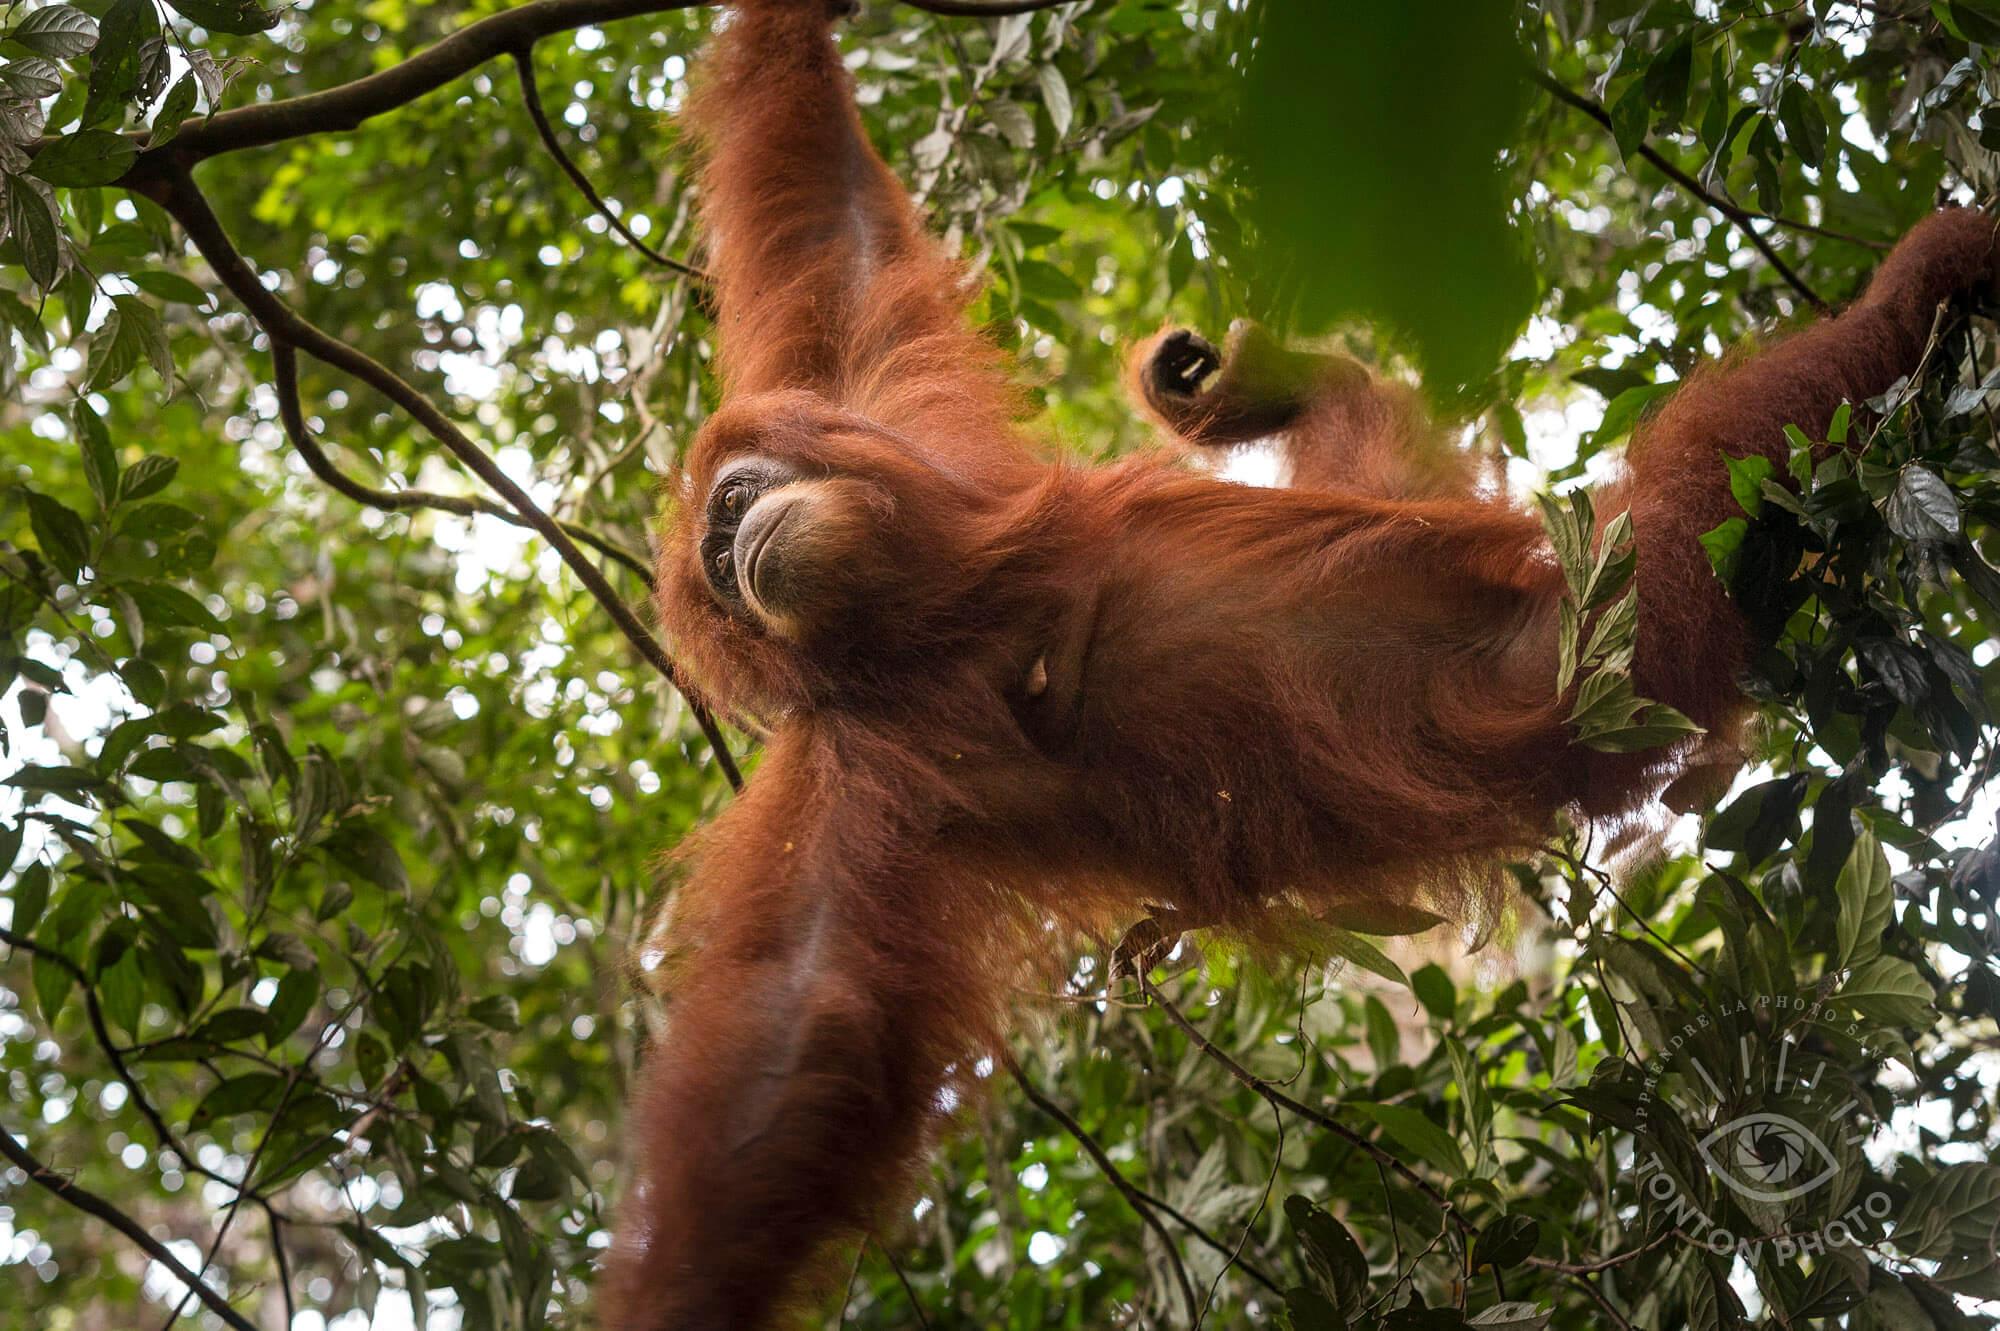 L'émotion est grande quand une femelle orang-outan fait son apparition ! Bukit Lawang, Sumatra, Indonésie © Clément Racineux / Tonton Photo